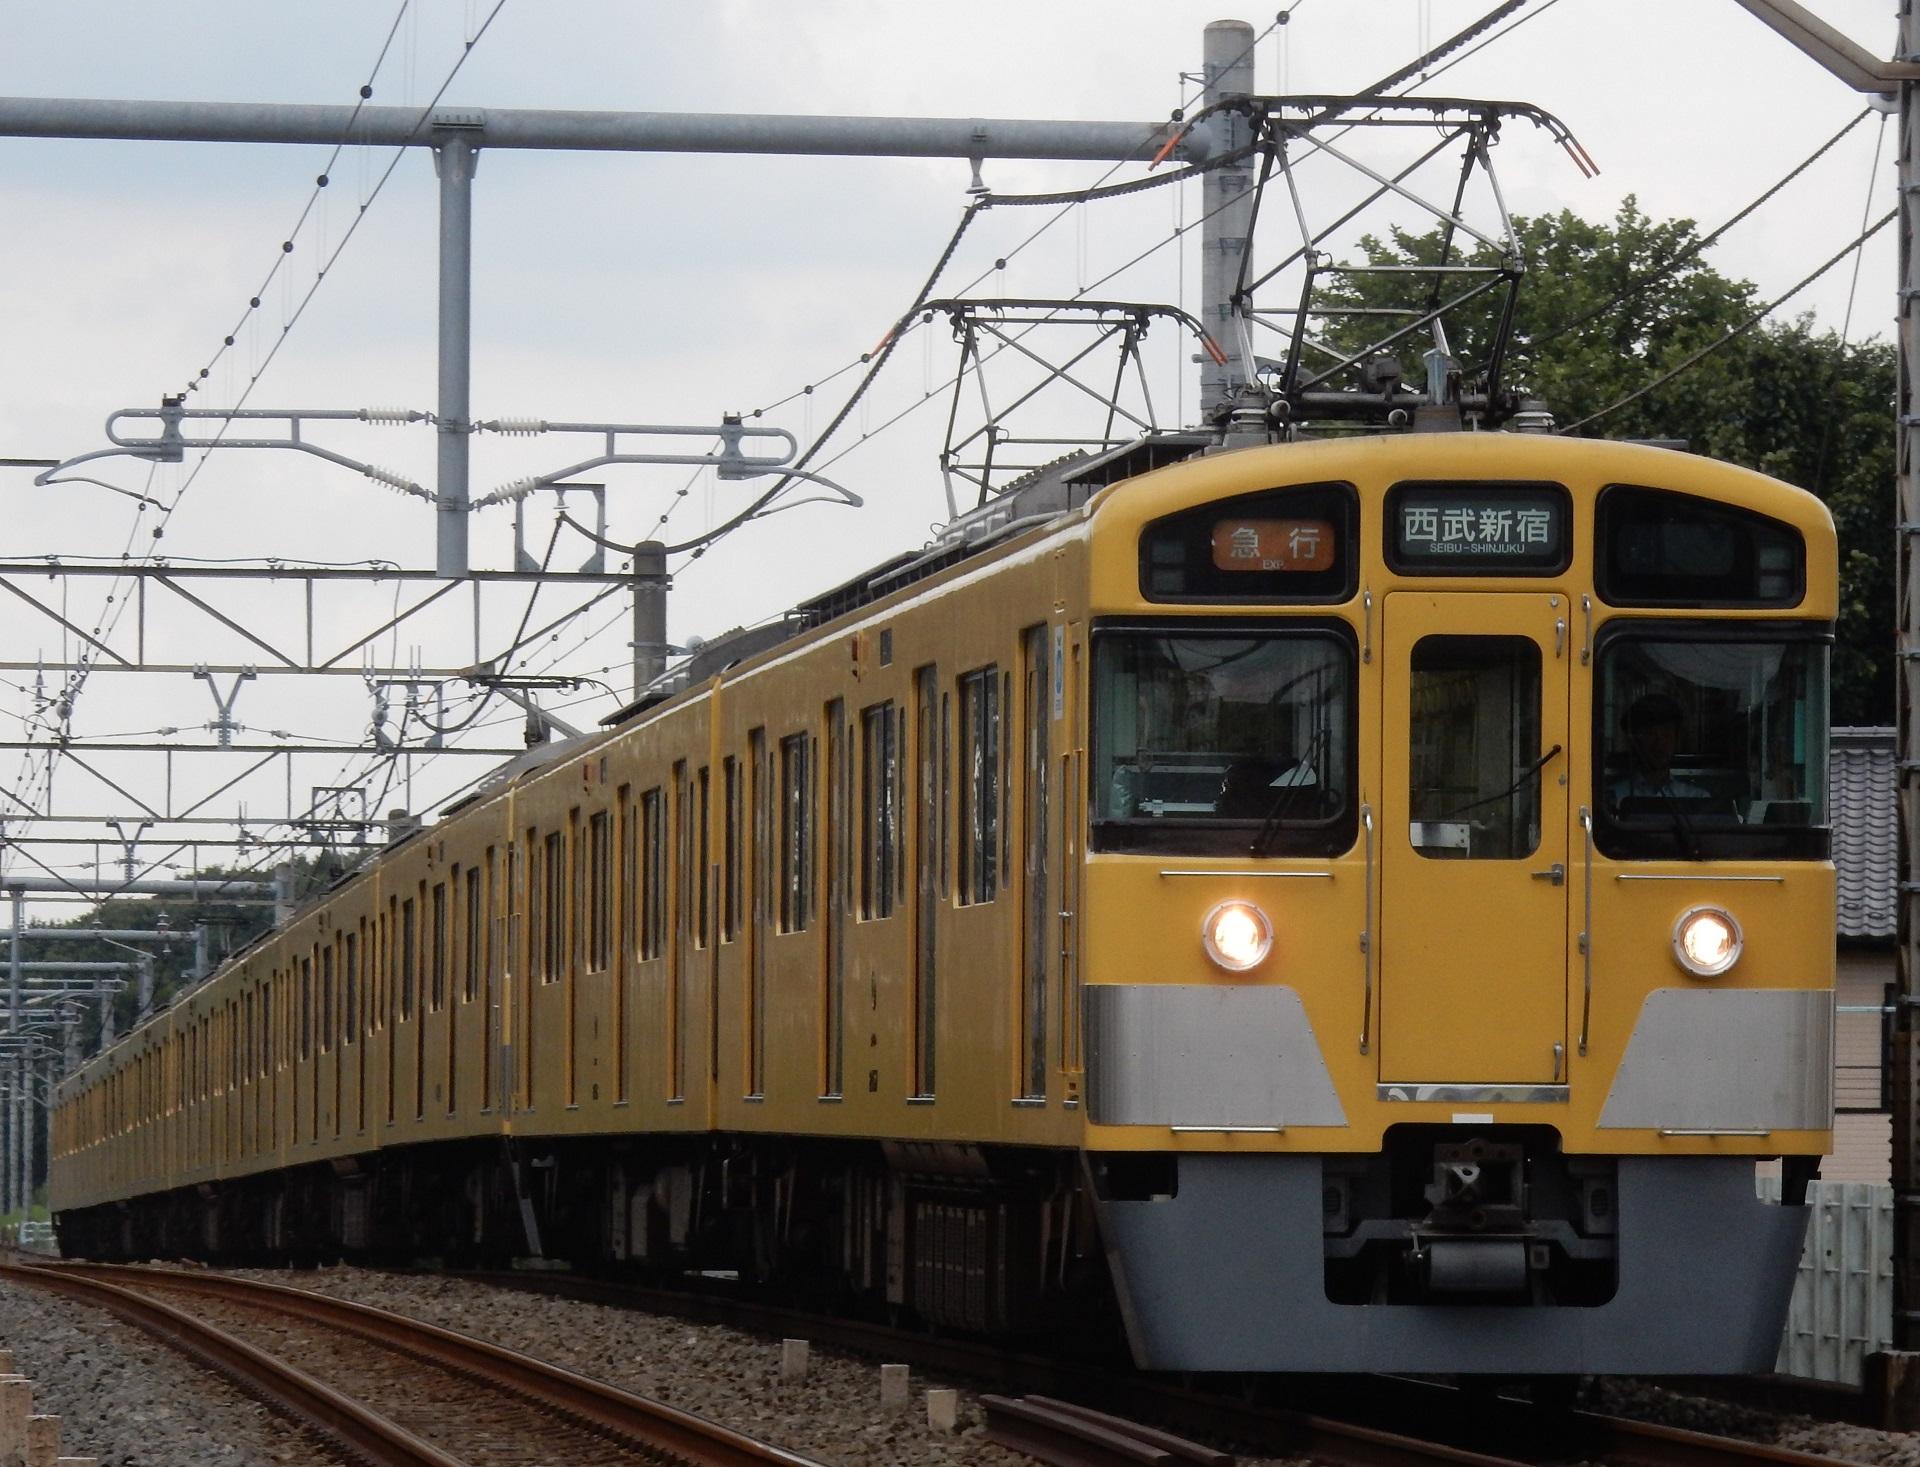 DSCN4658 - コピー